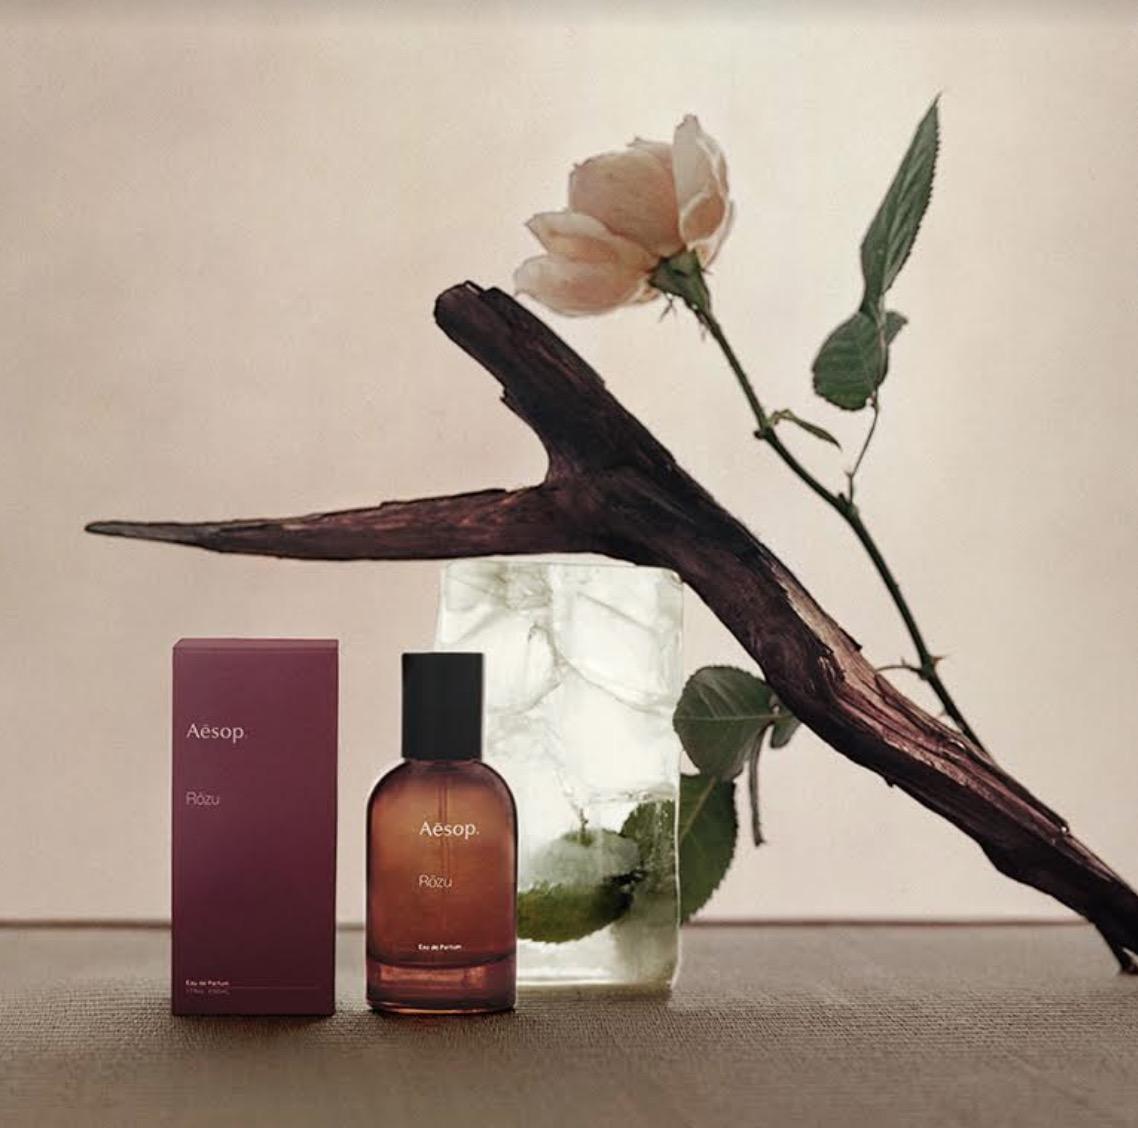 香水的主軸為帶有綠色柑橘調的花香,交織著木質、土壤氣息的岩蘭草